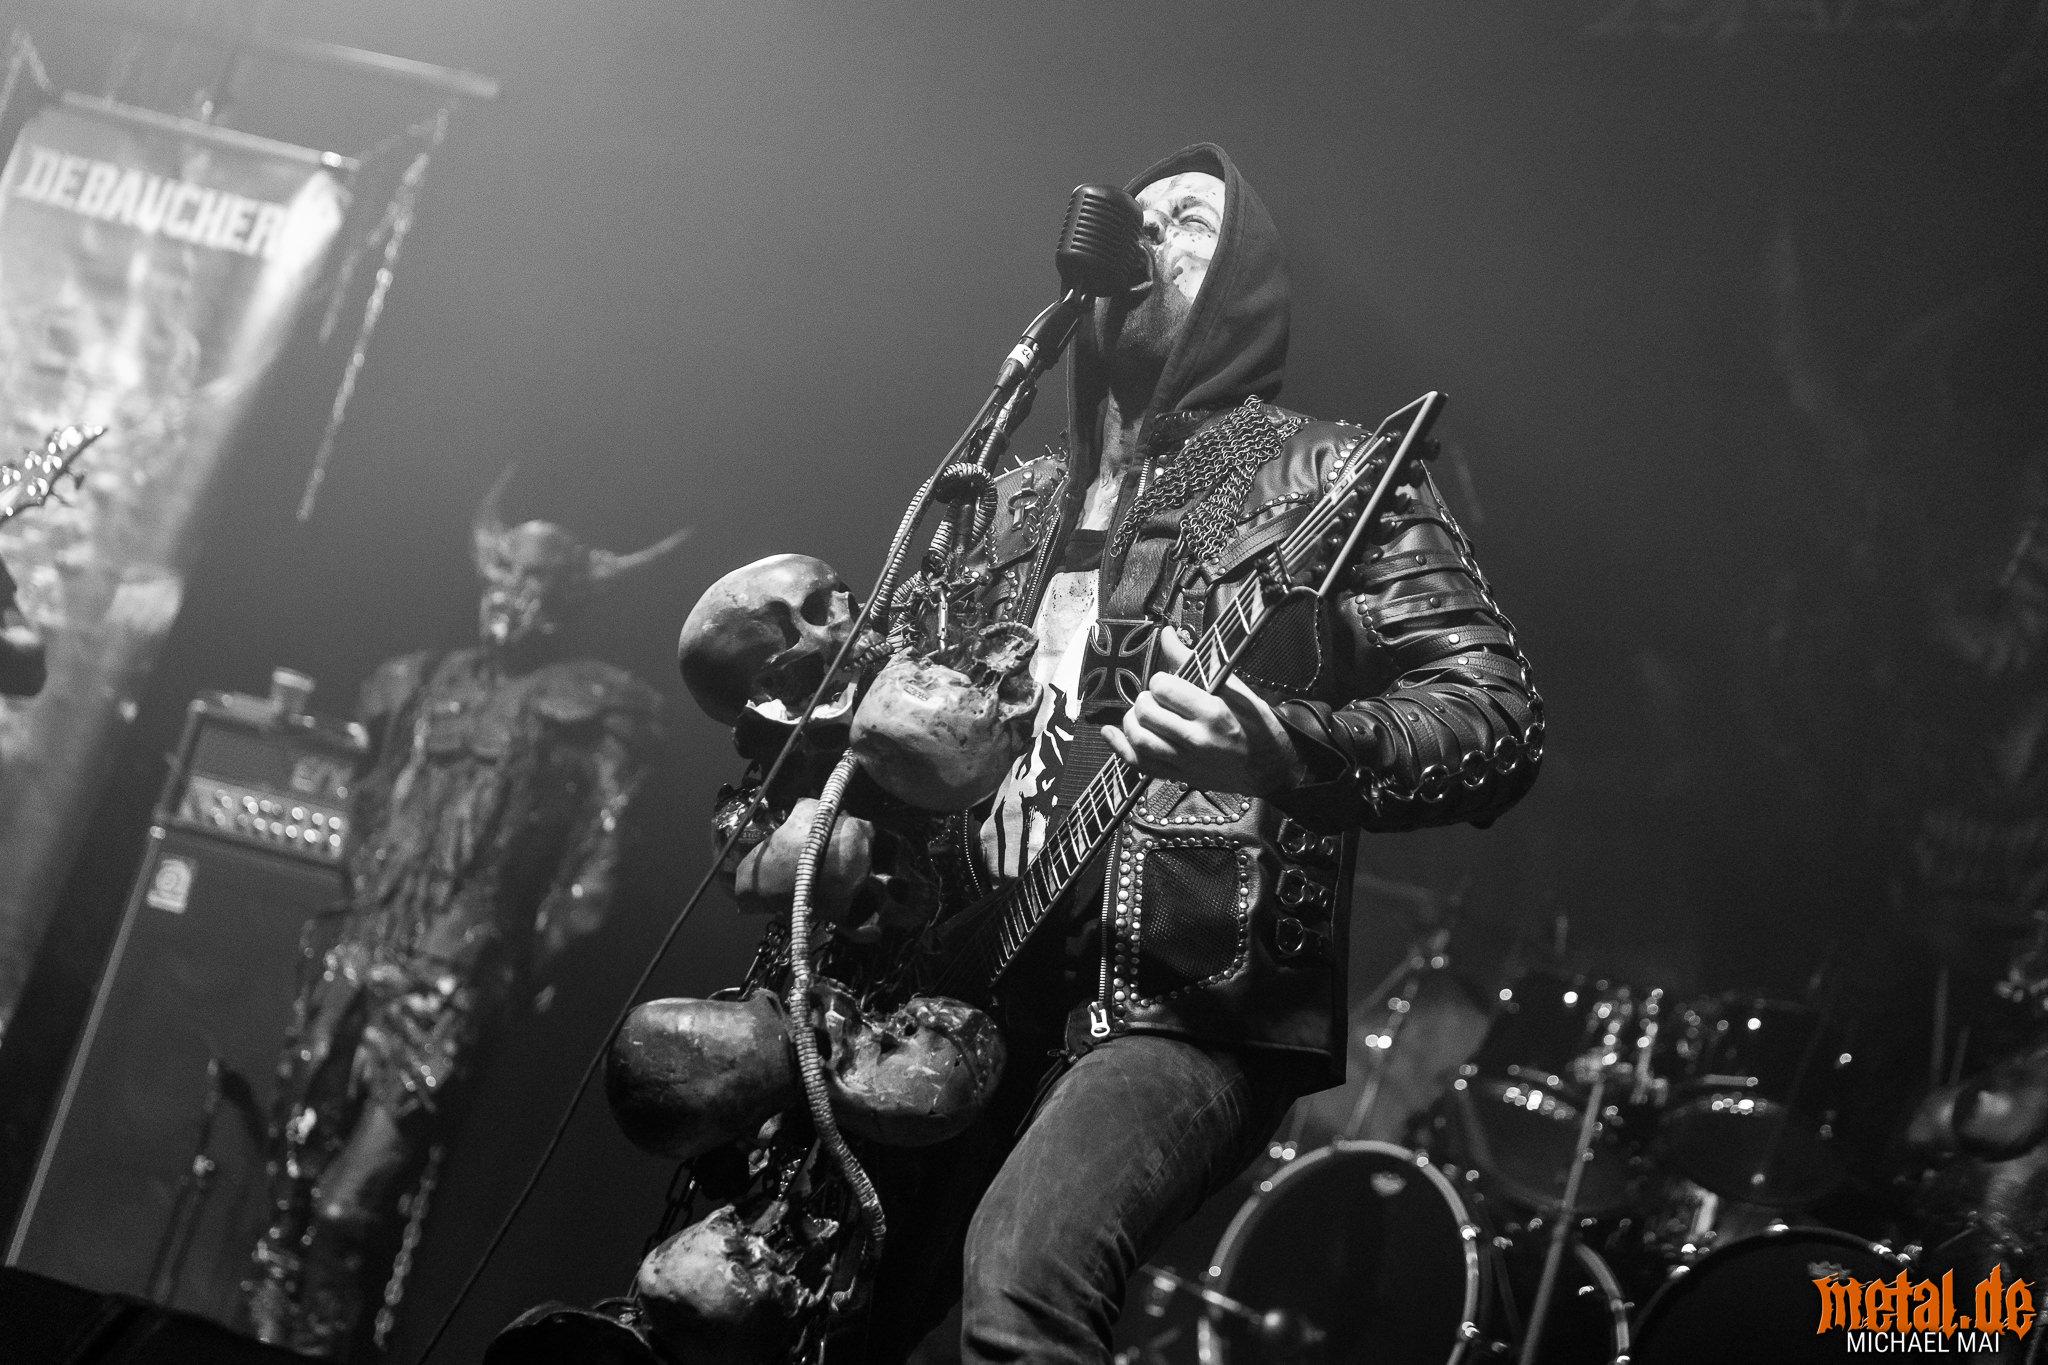 Konzertfoto von Debauchery - Ruhrpott Metal Meeting 2019